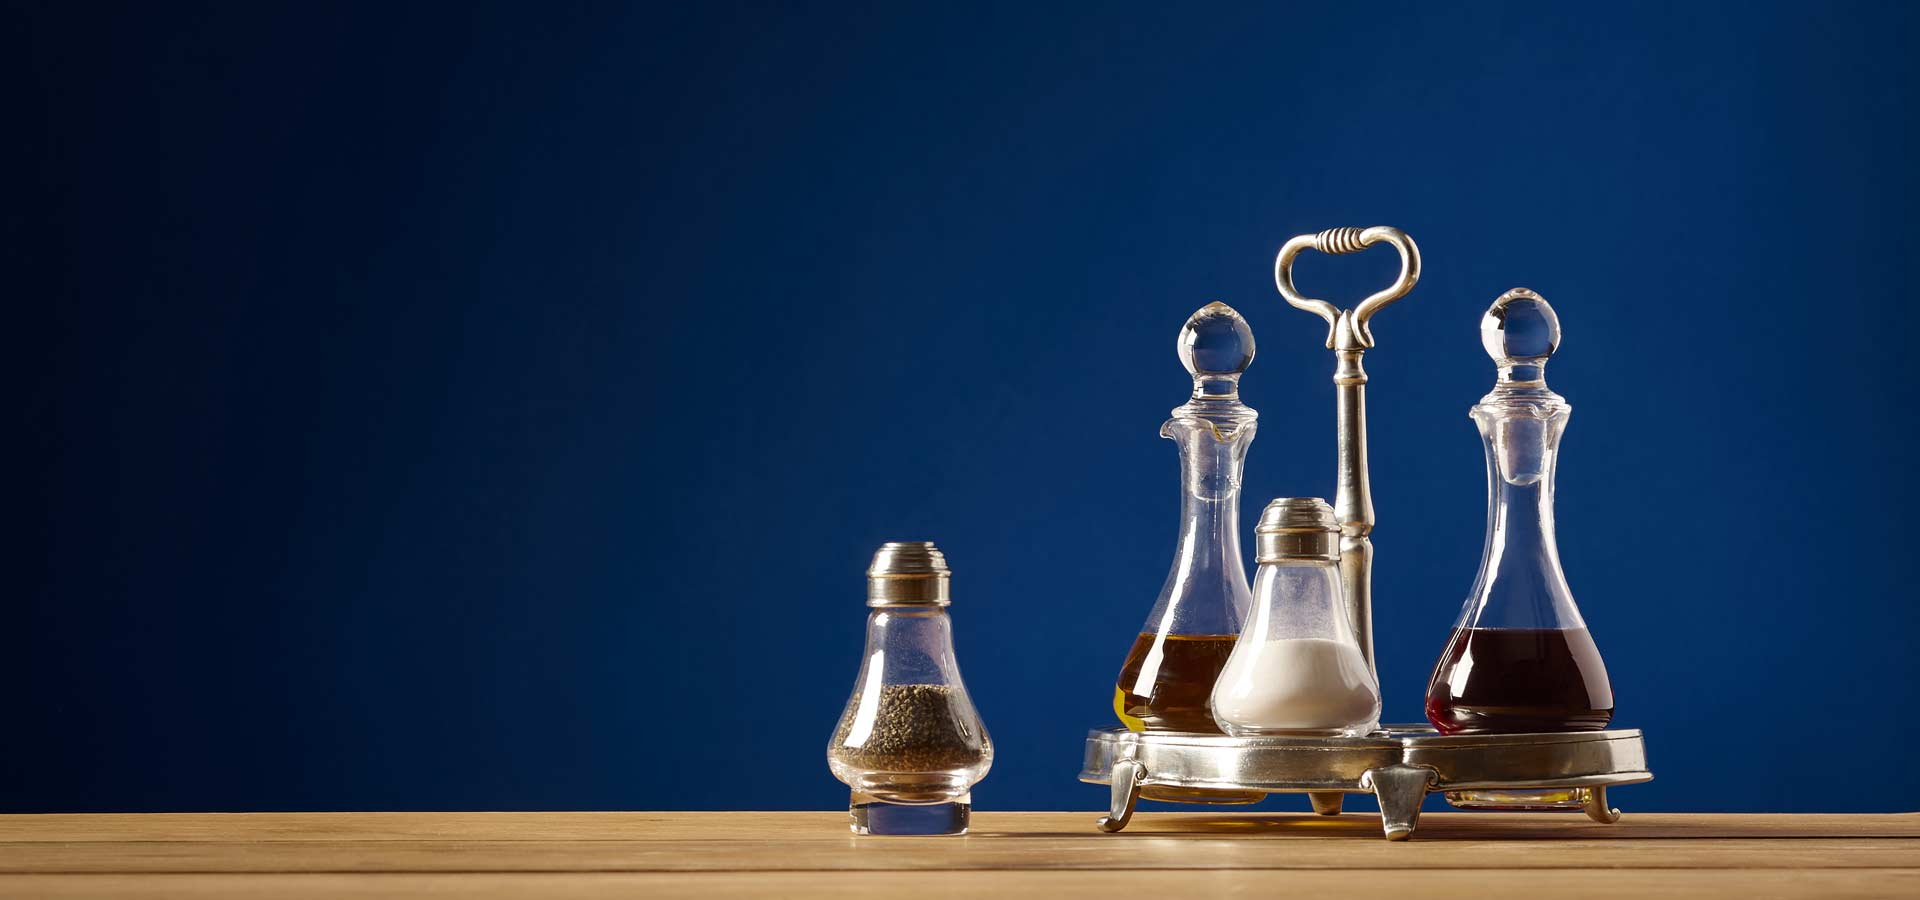 Комплект масло и уксус